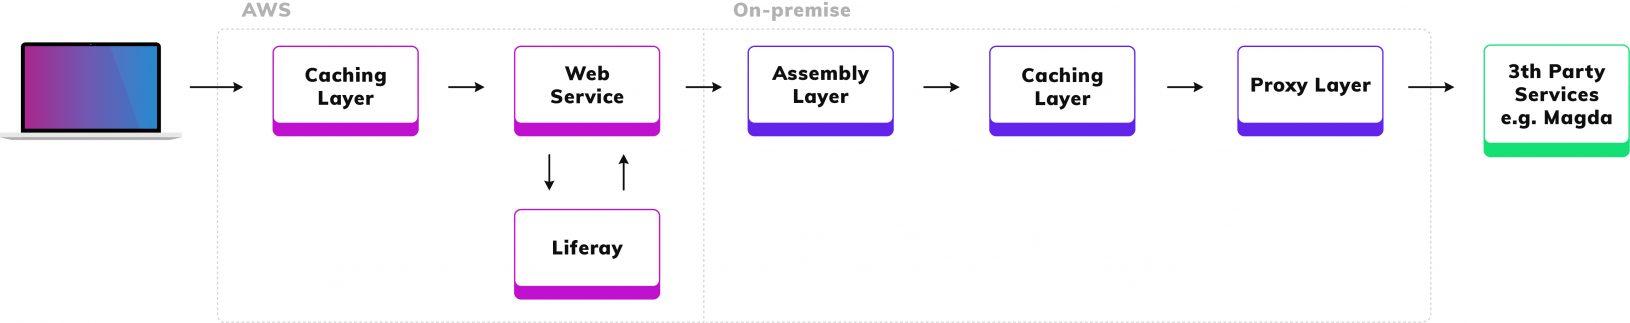 Diagram Opsklaar: AWS - on premise